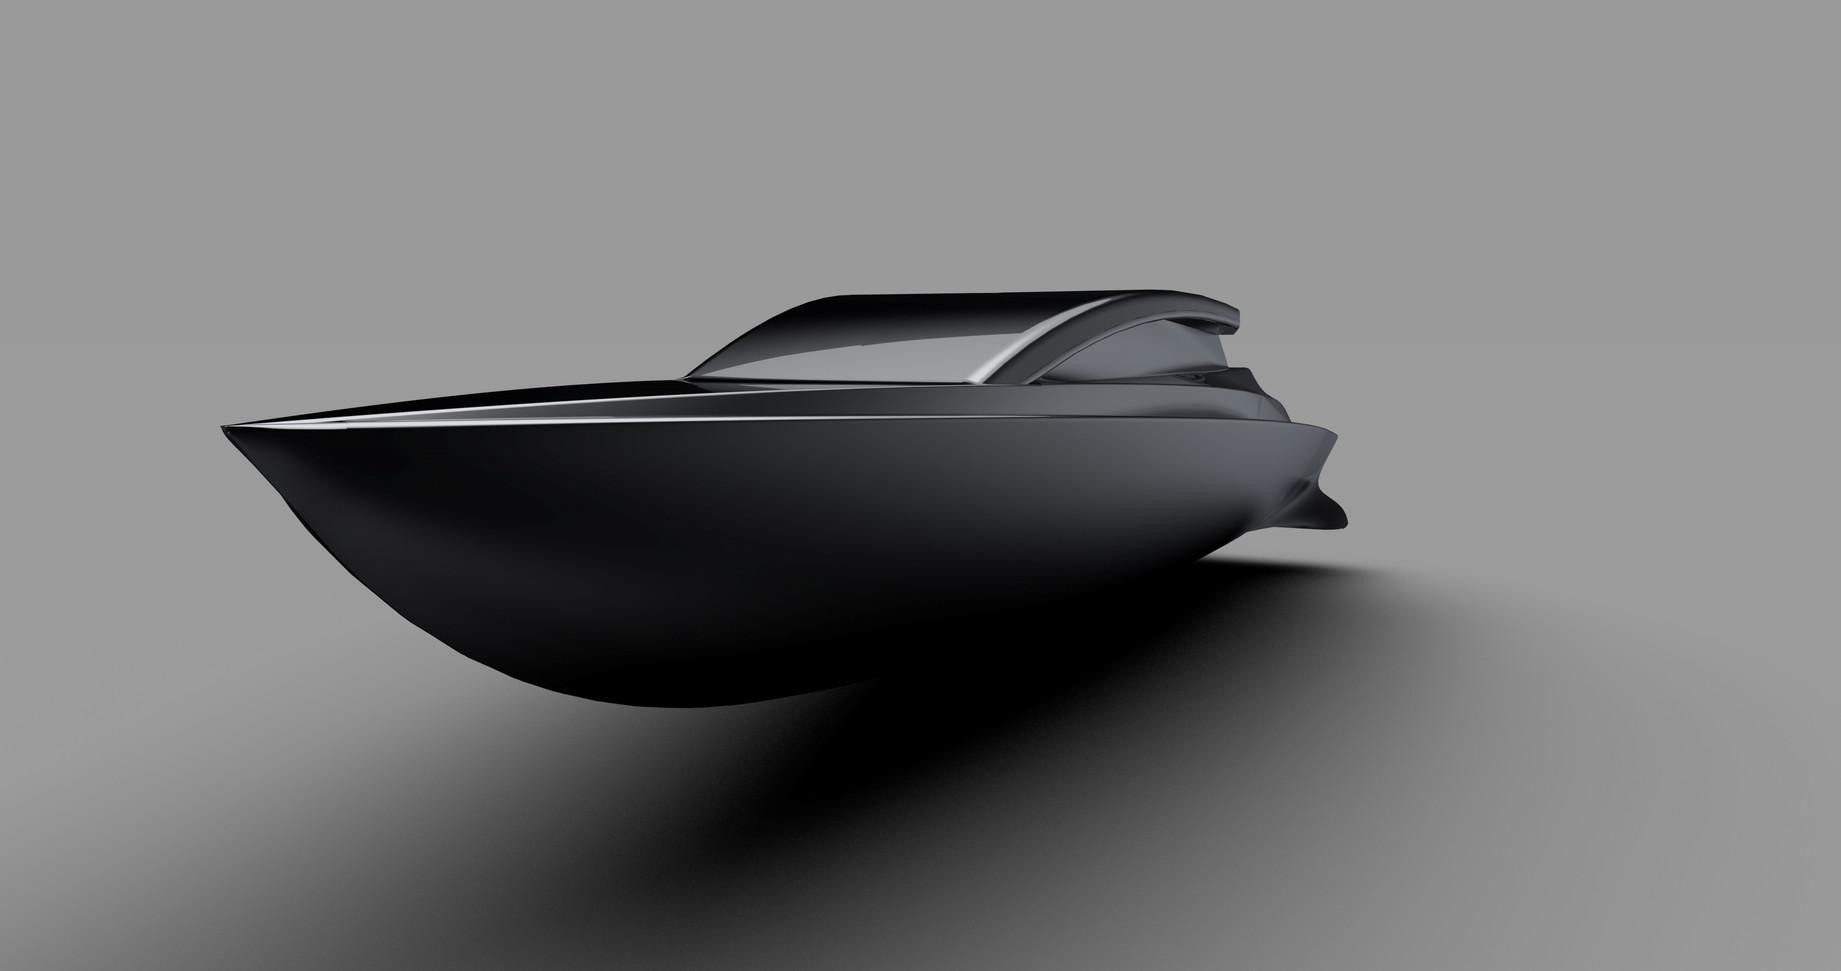 Chrom Yacht Brushed4.jpeg